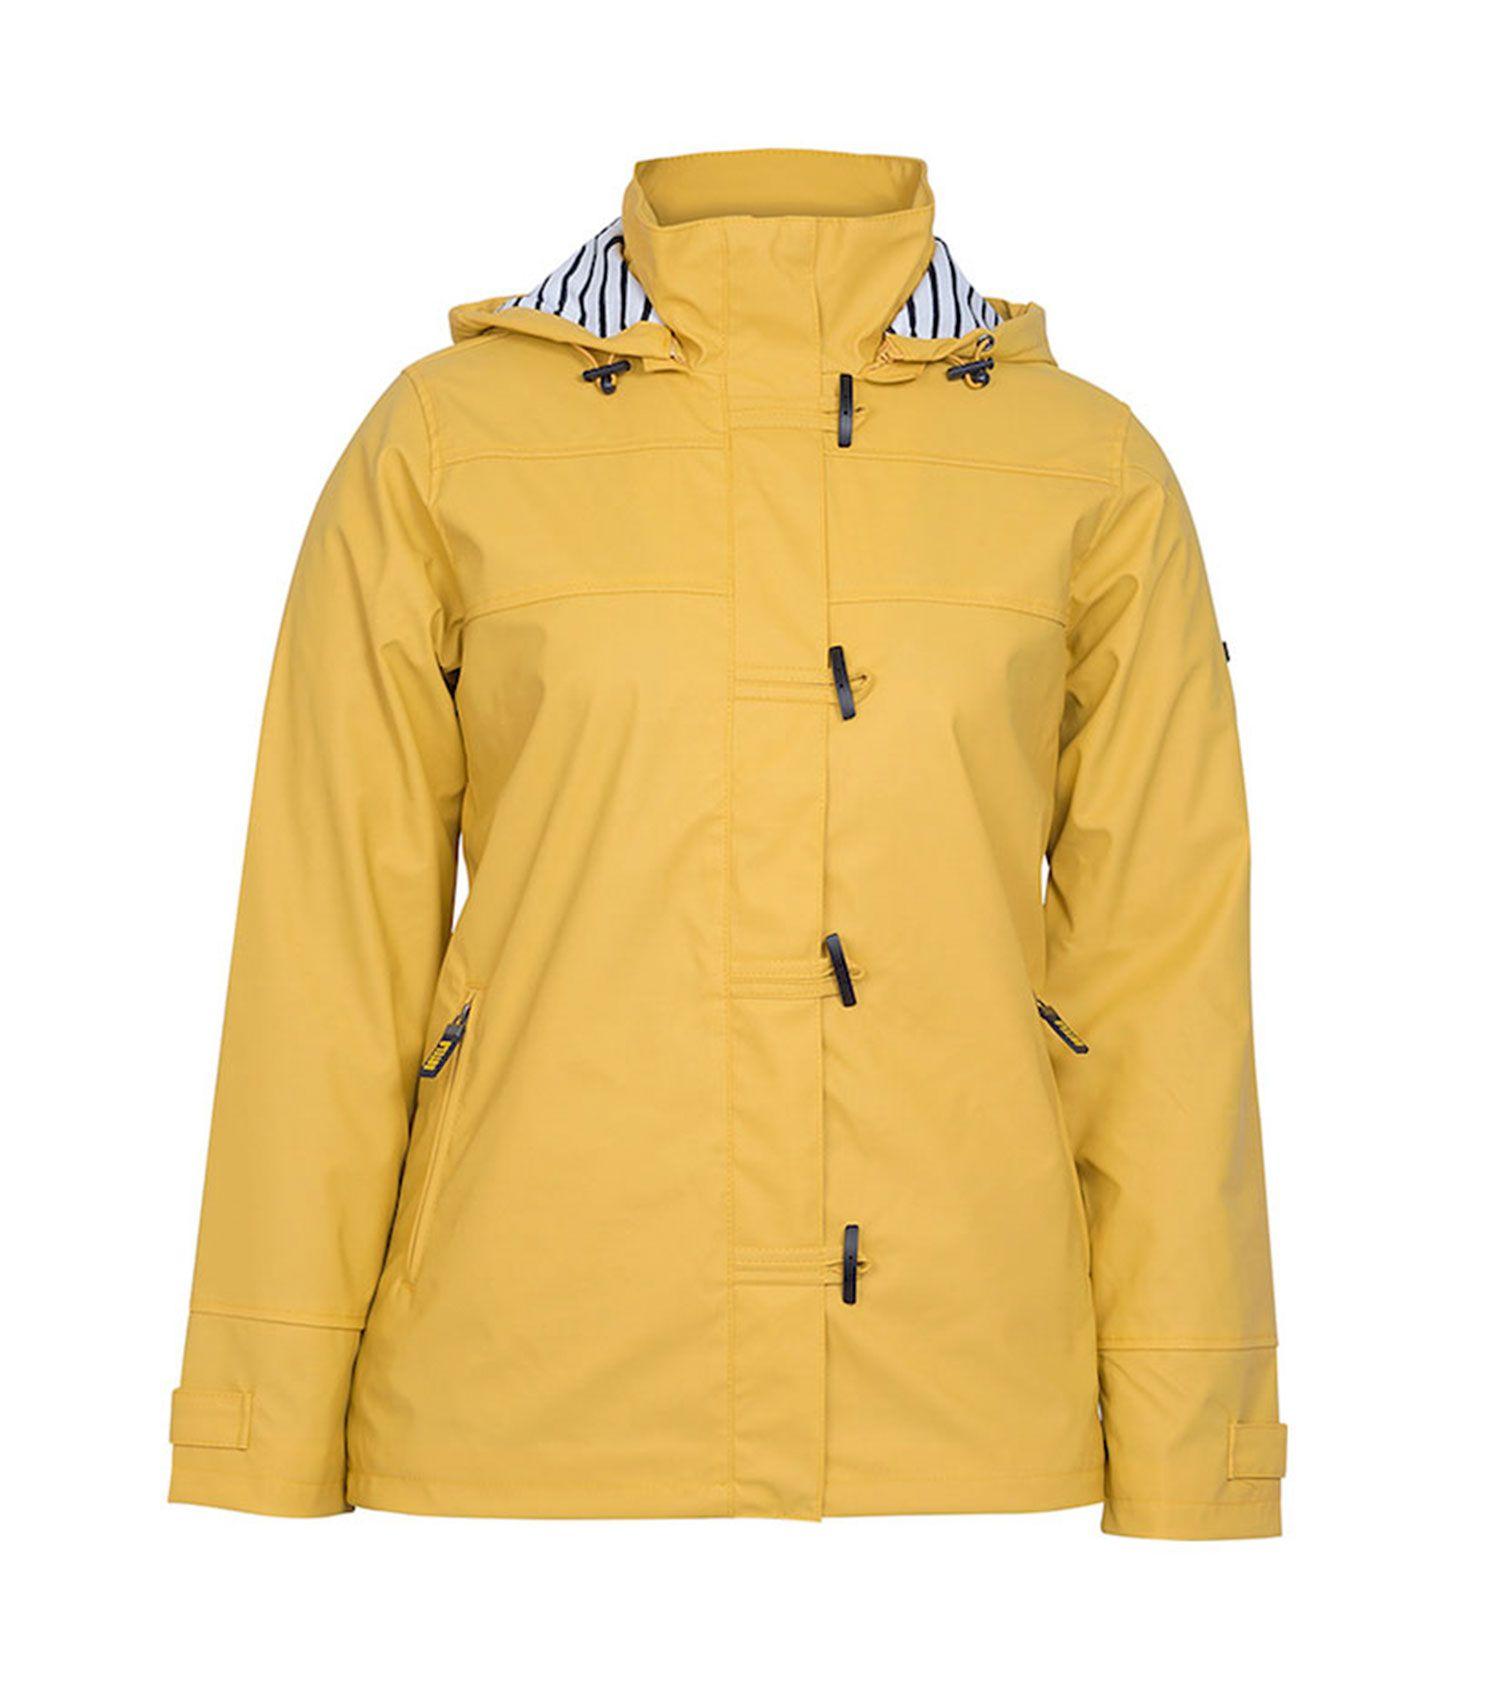 impermeable nautico mujer batela amarilo 3008